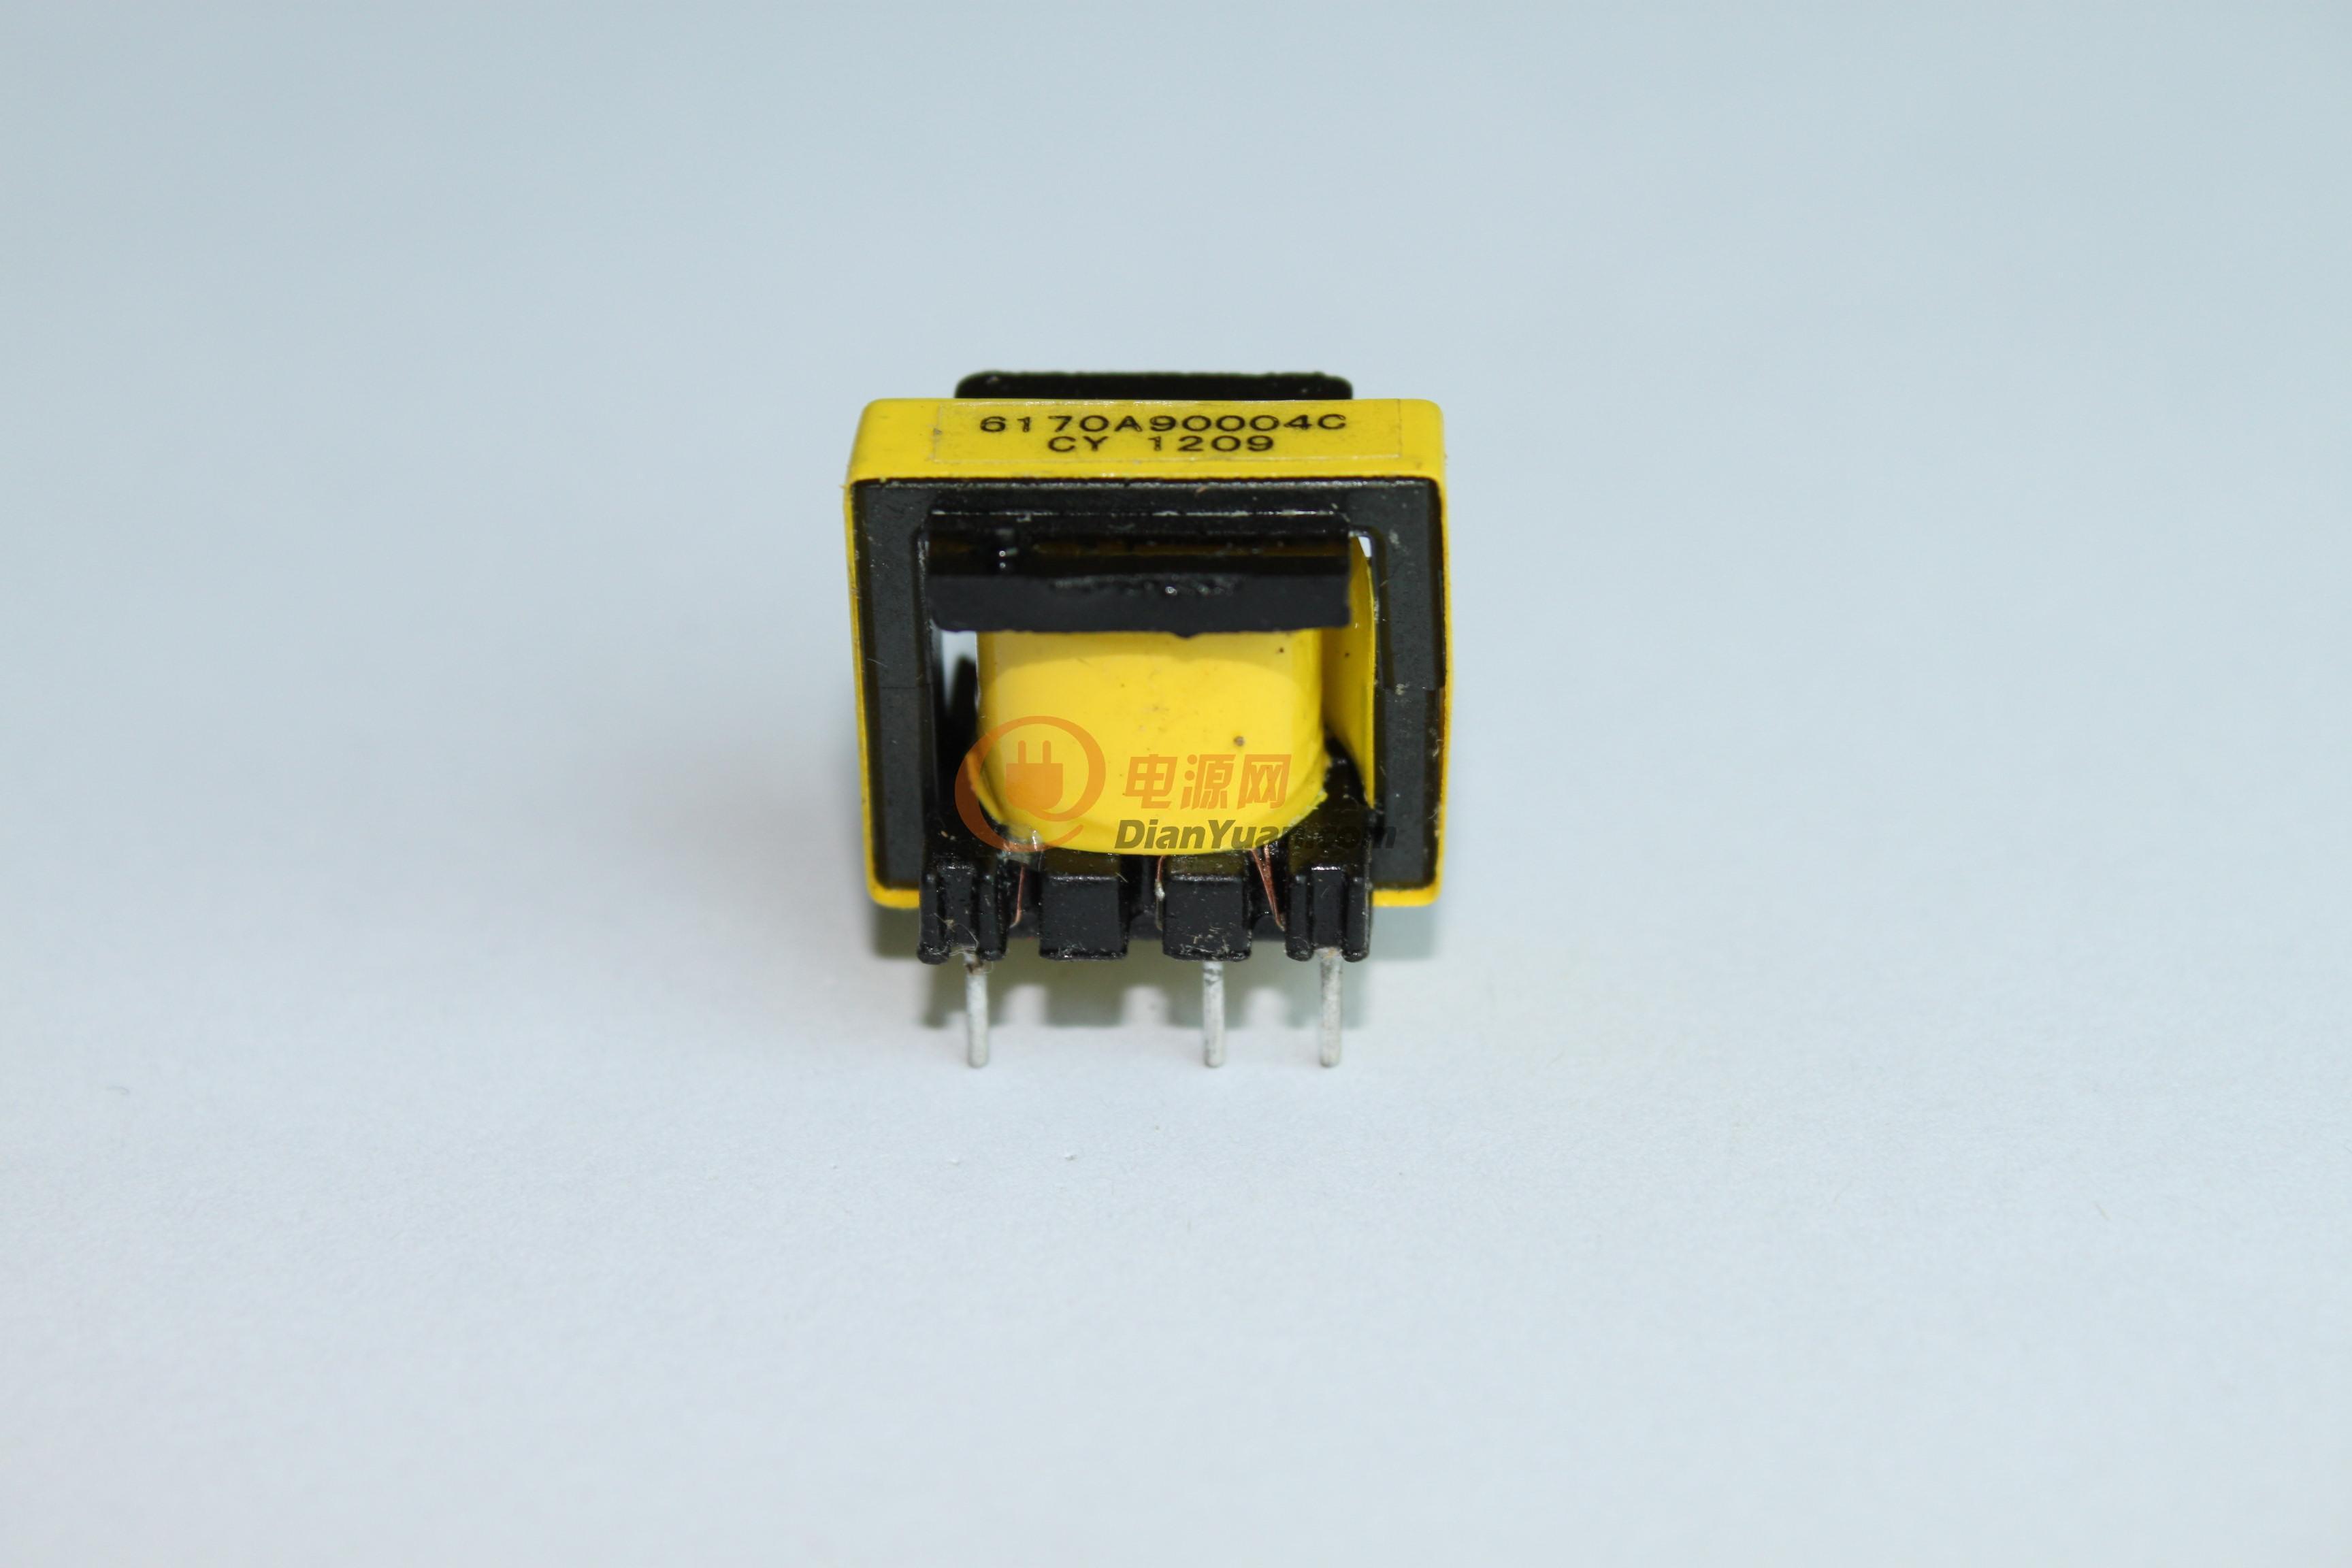 供应电子变压器用于音响,冰箱,手机充电器,电源适配器